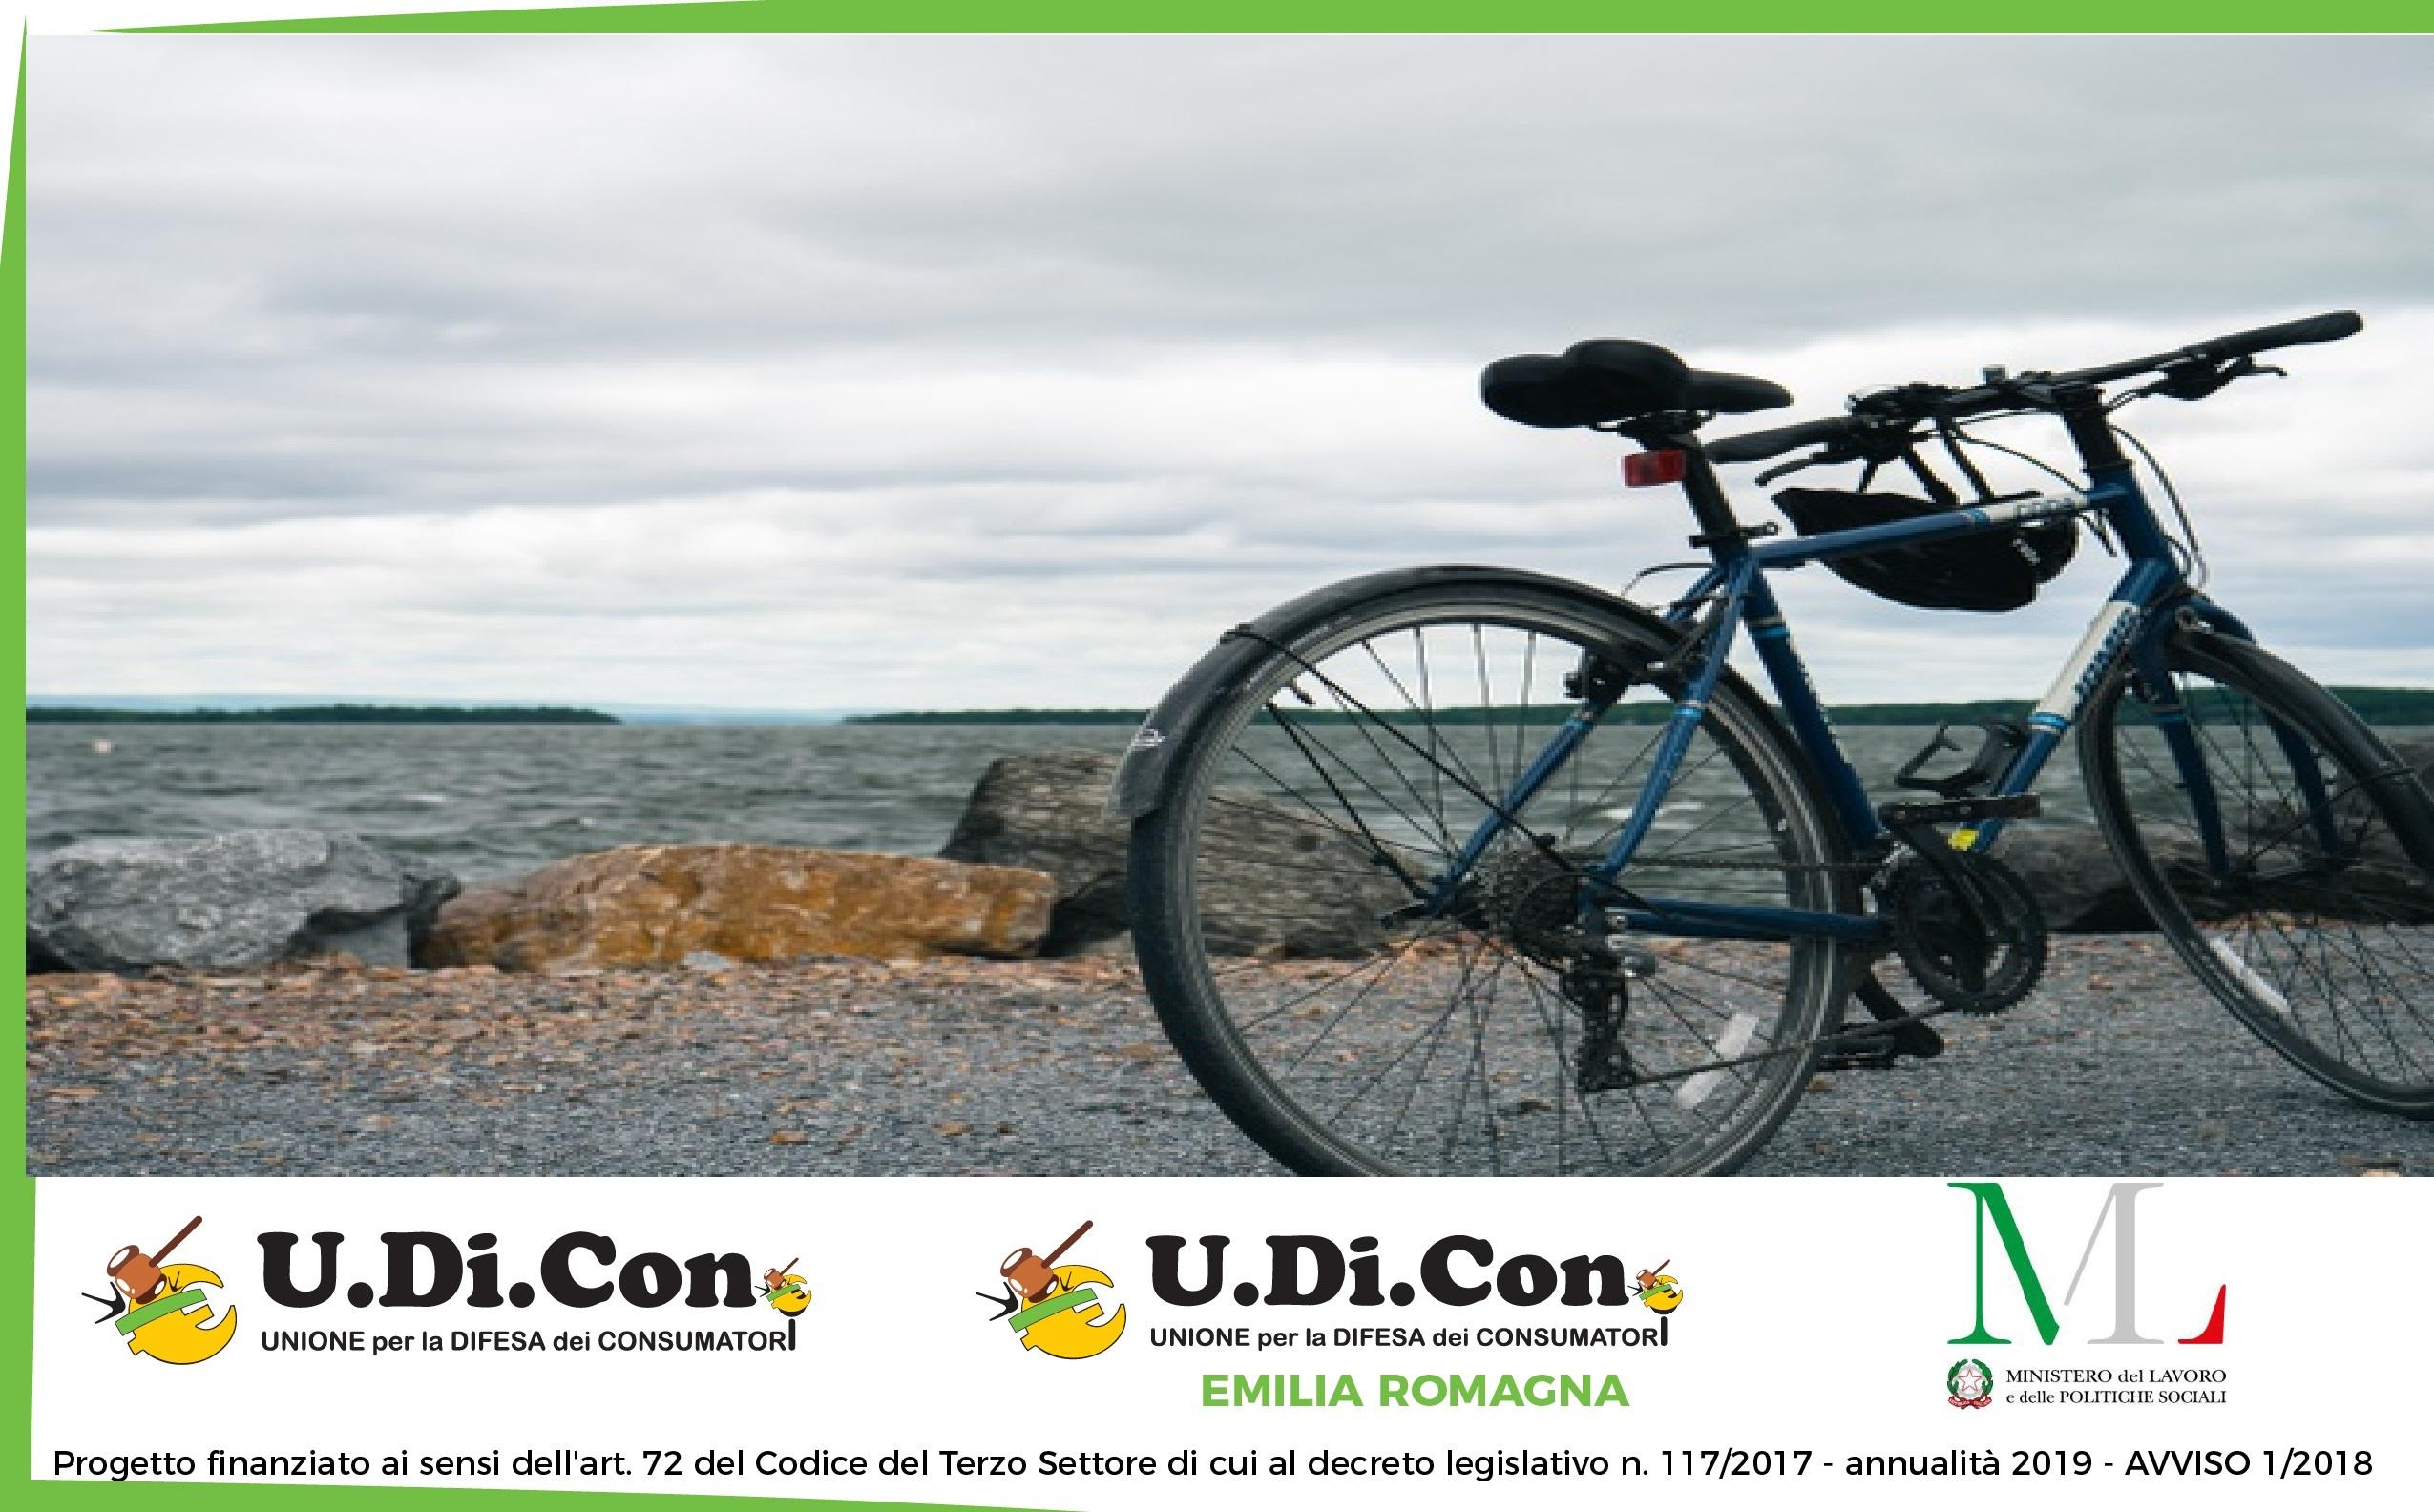 Il viaggiare si fa eco (e a risparmio)... col cicloturismo